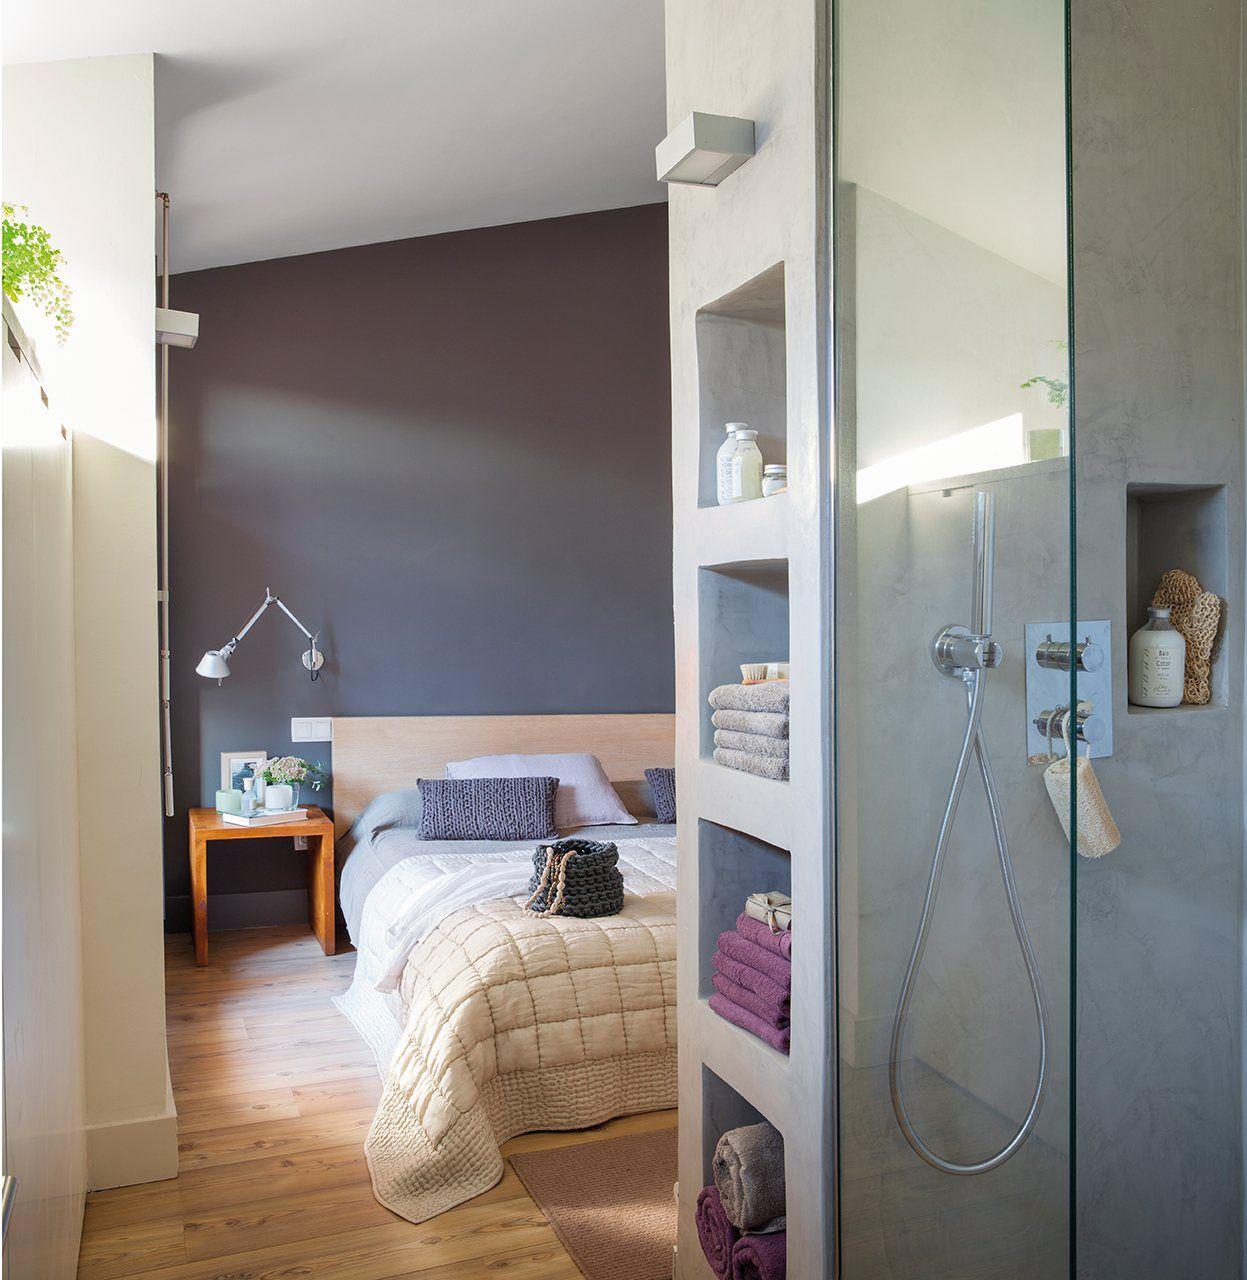 Tabique multiusos el grueso tabique que separa la ducha - Almacenaje dormitorio ...